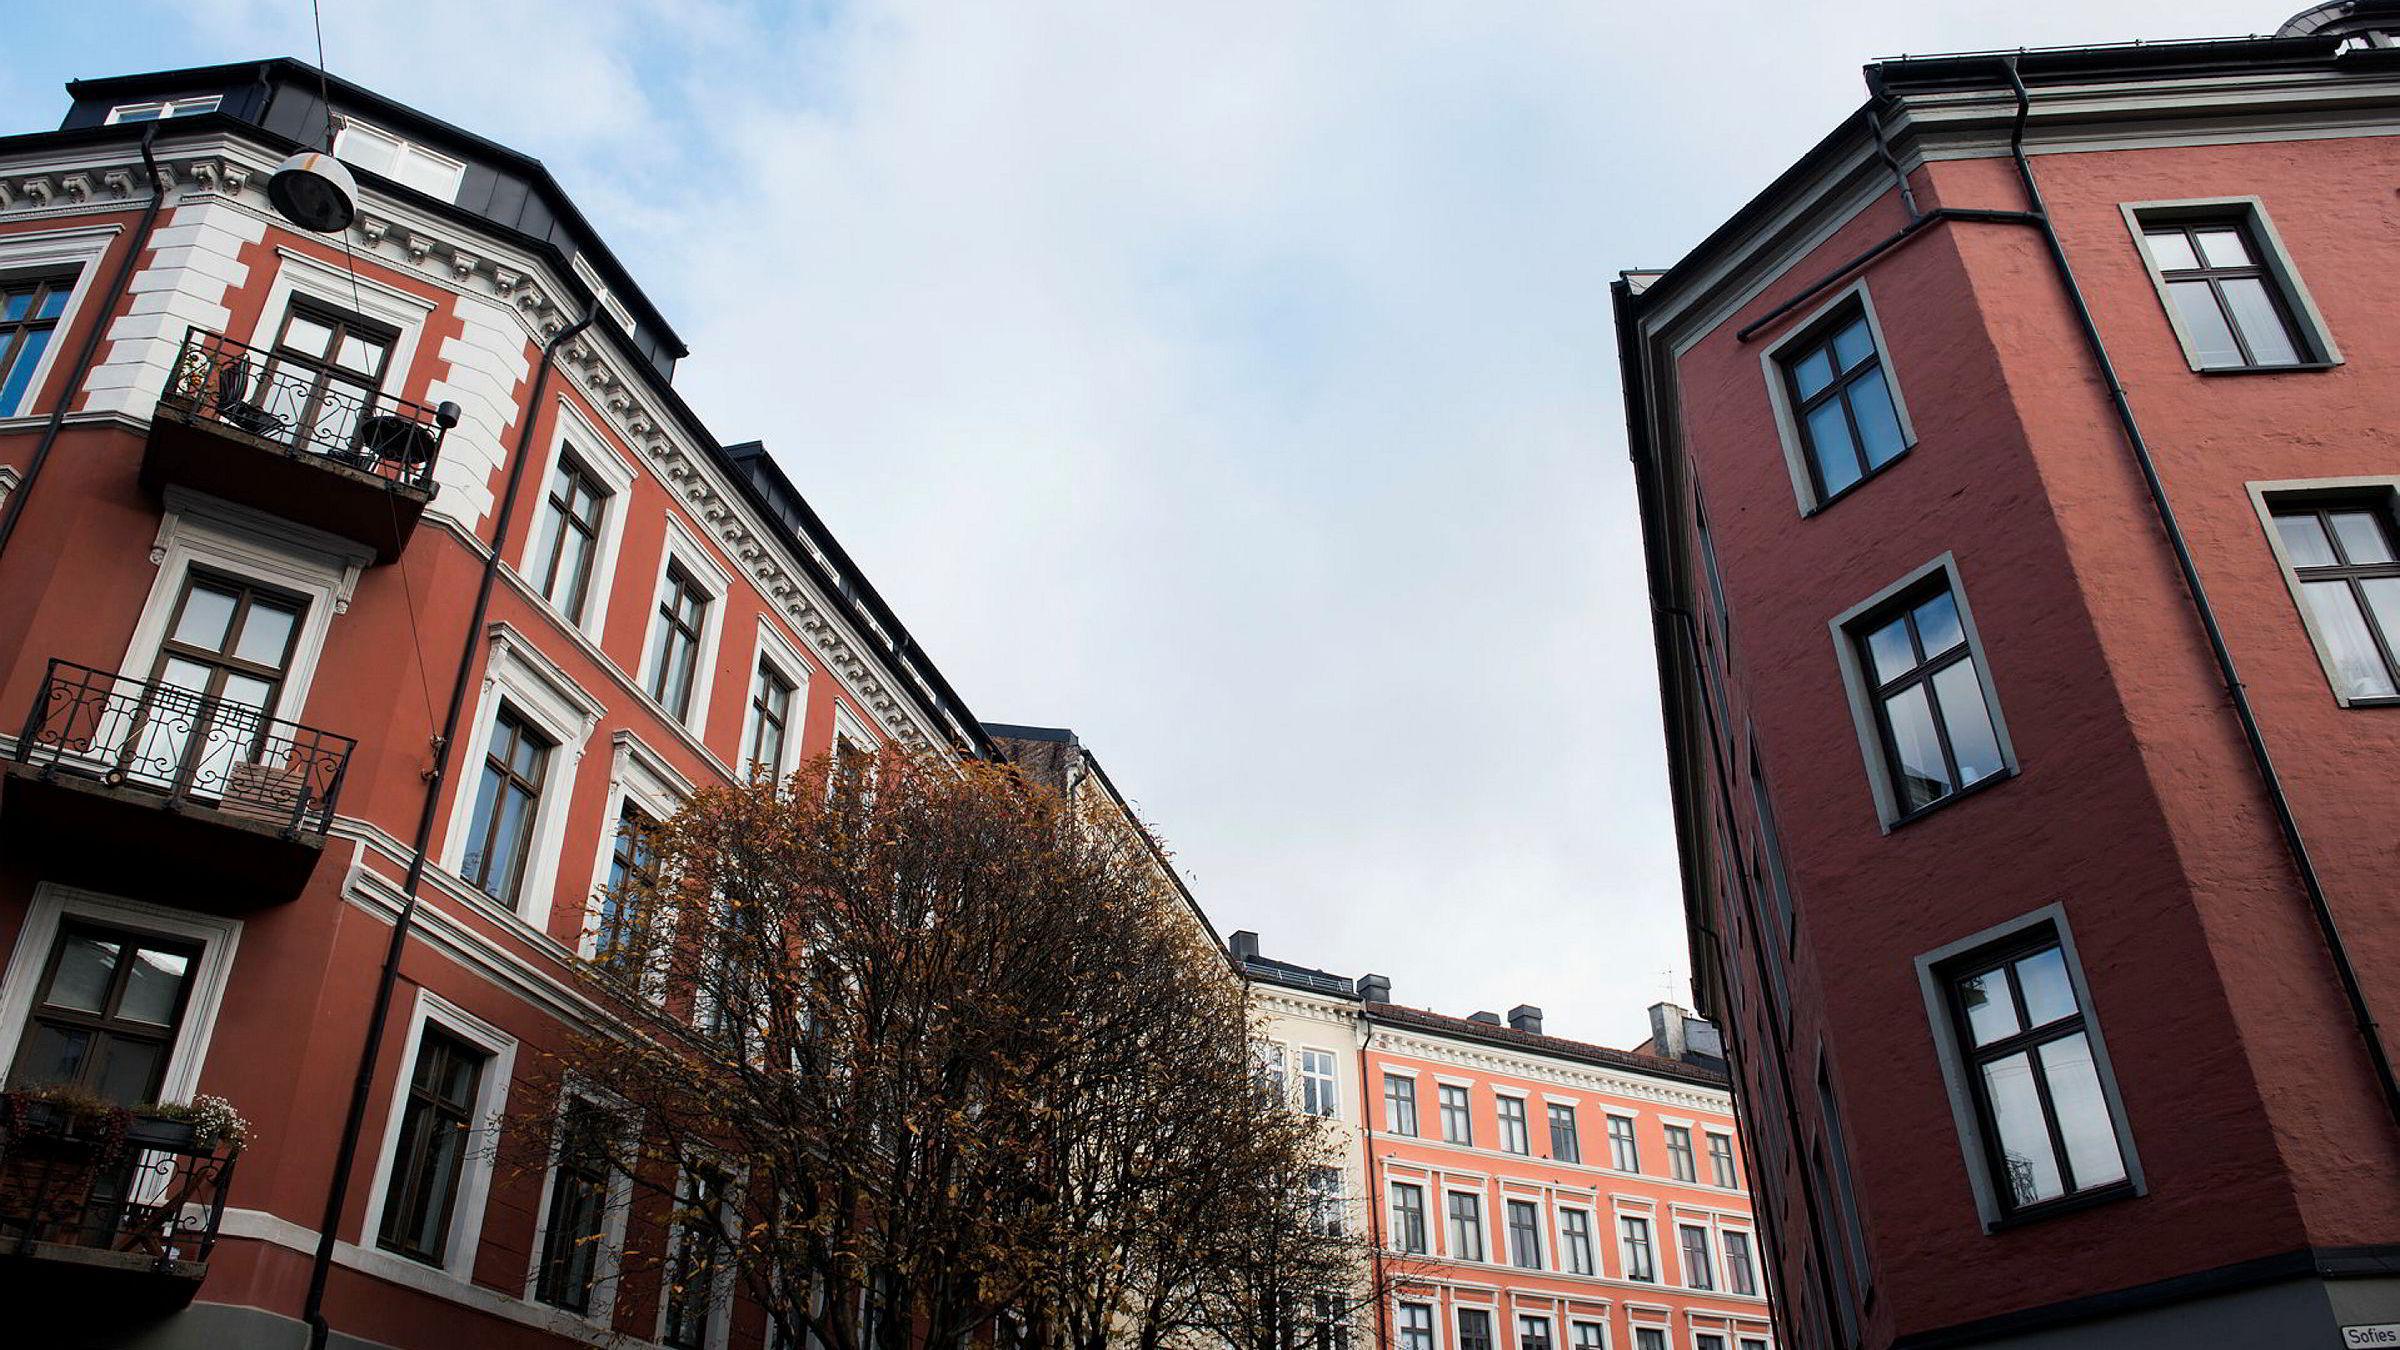 Leiligheter på Bislett i Oslo.